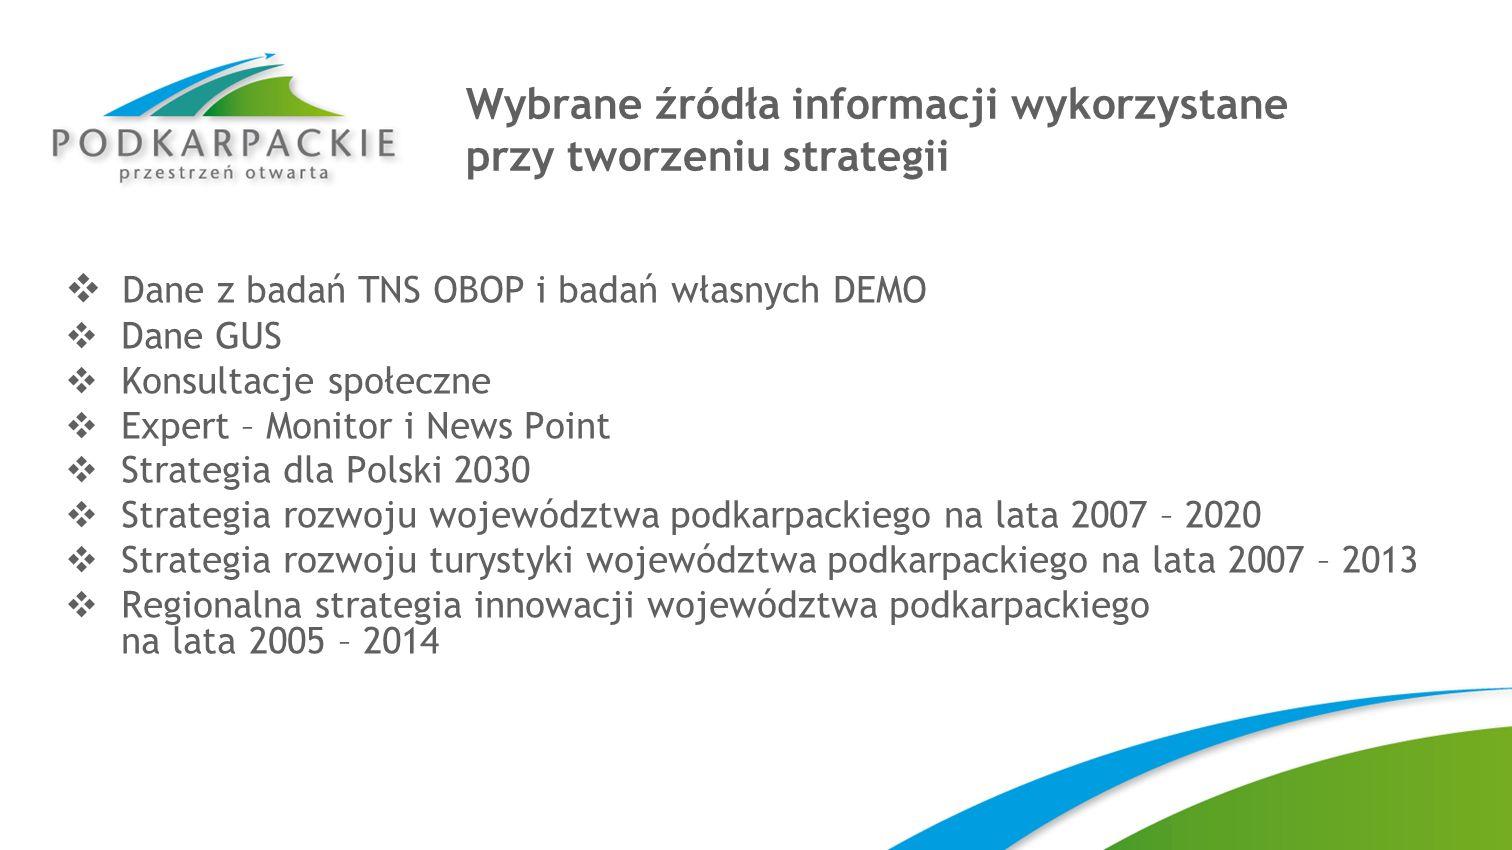 Wybrane źródła informacji wykorzystane przy tworzeniu strategii